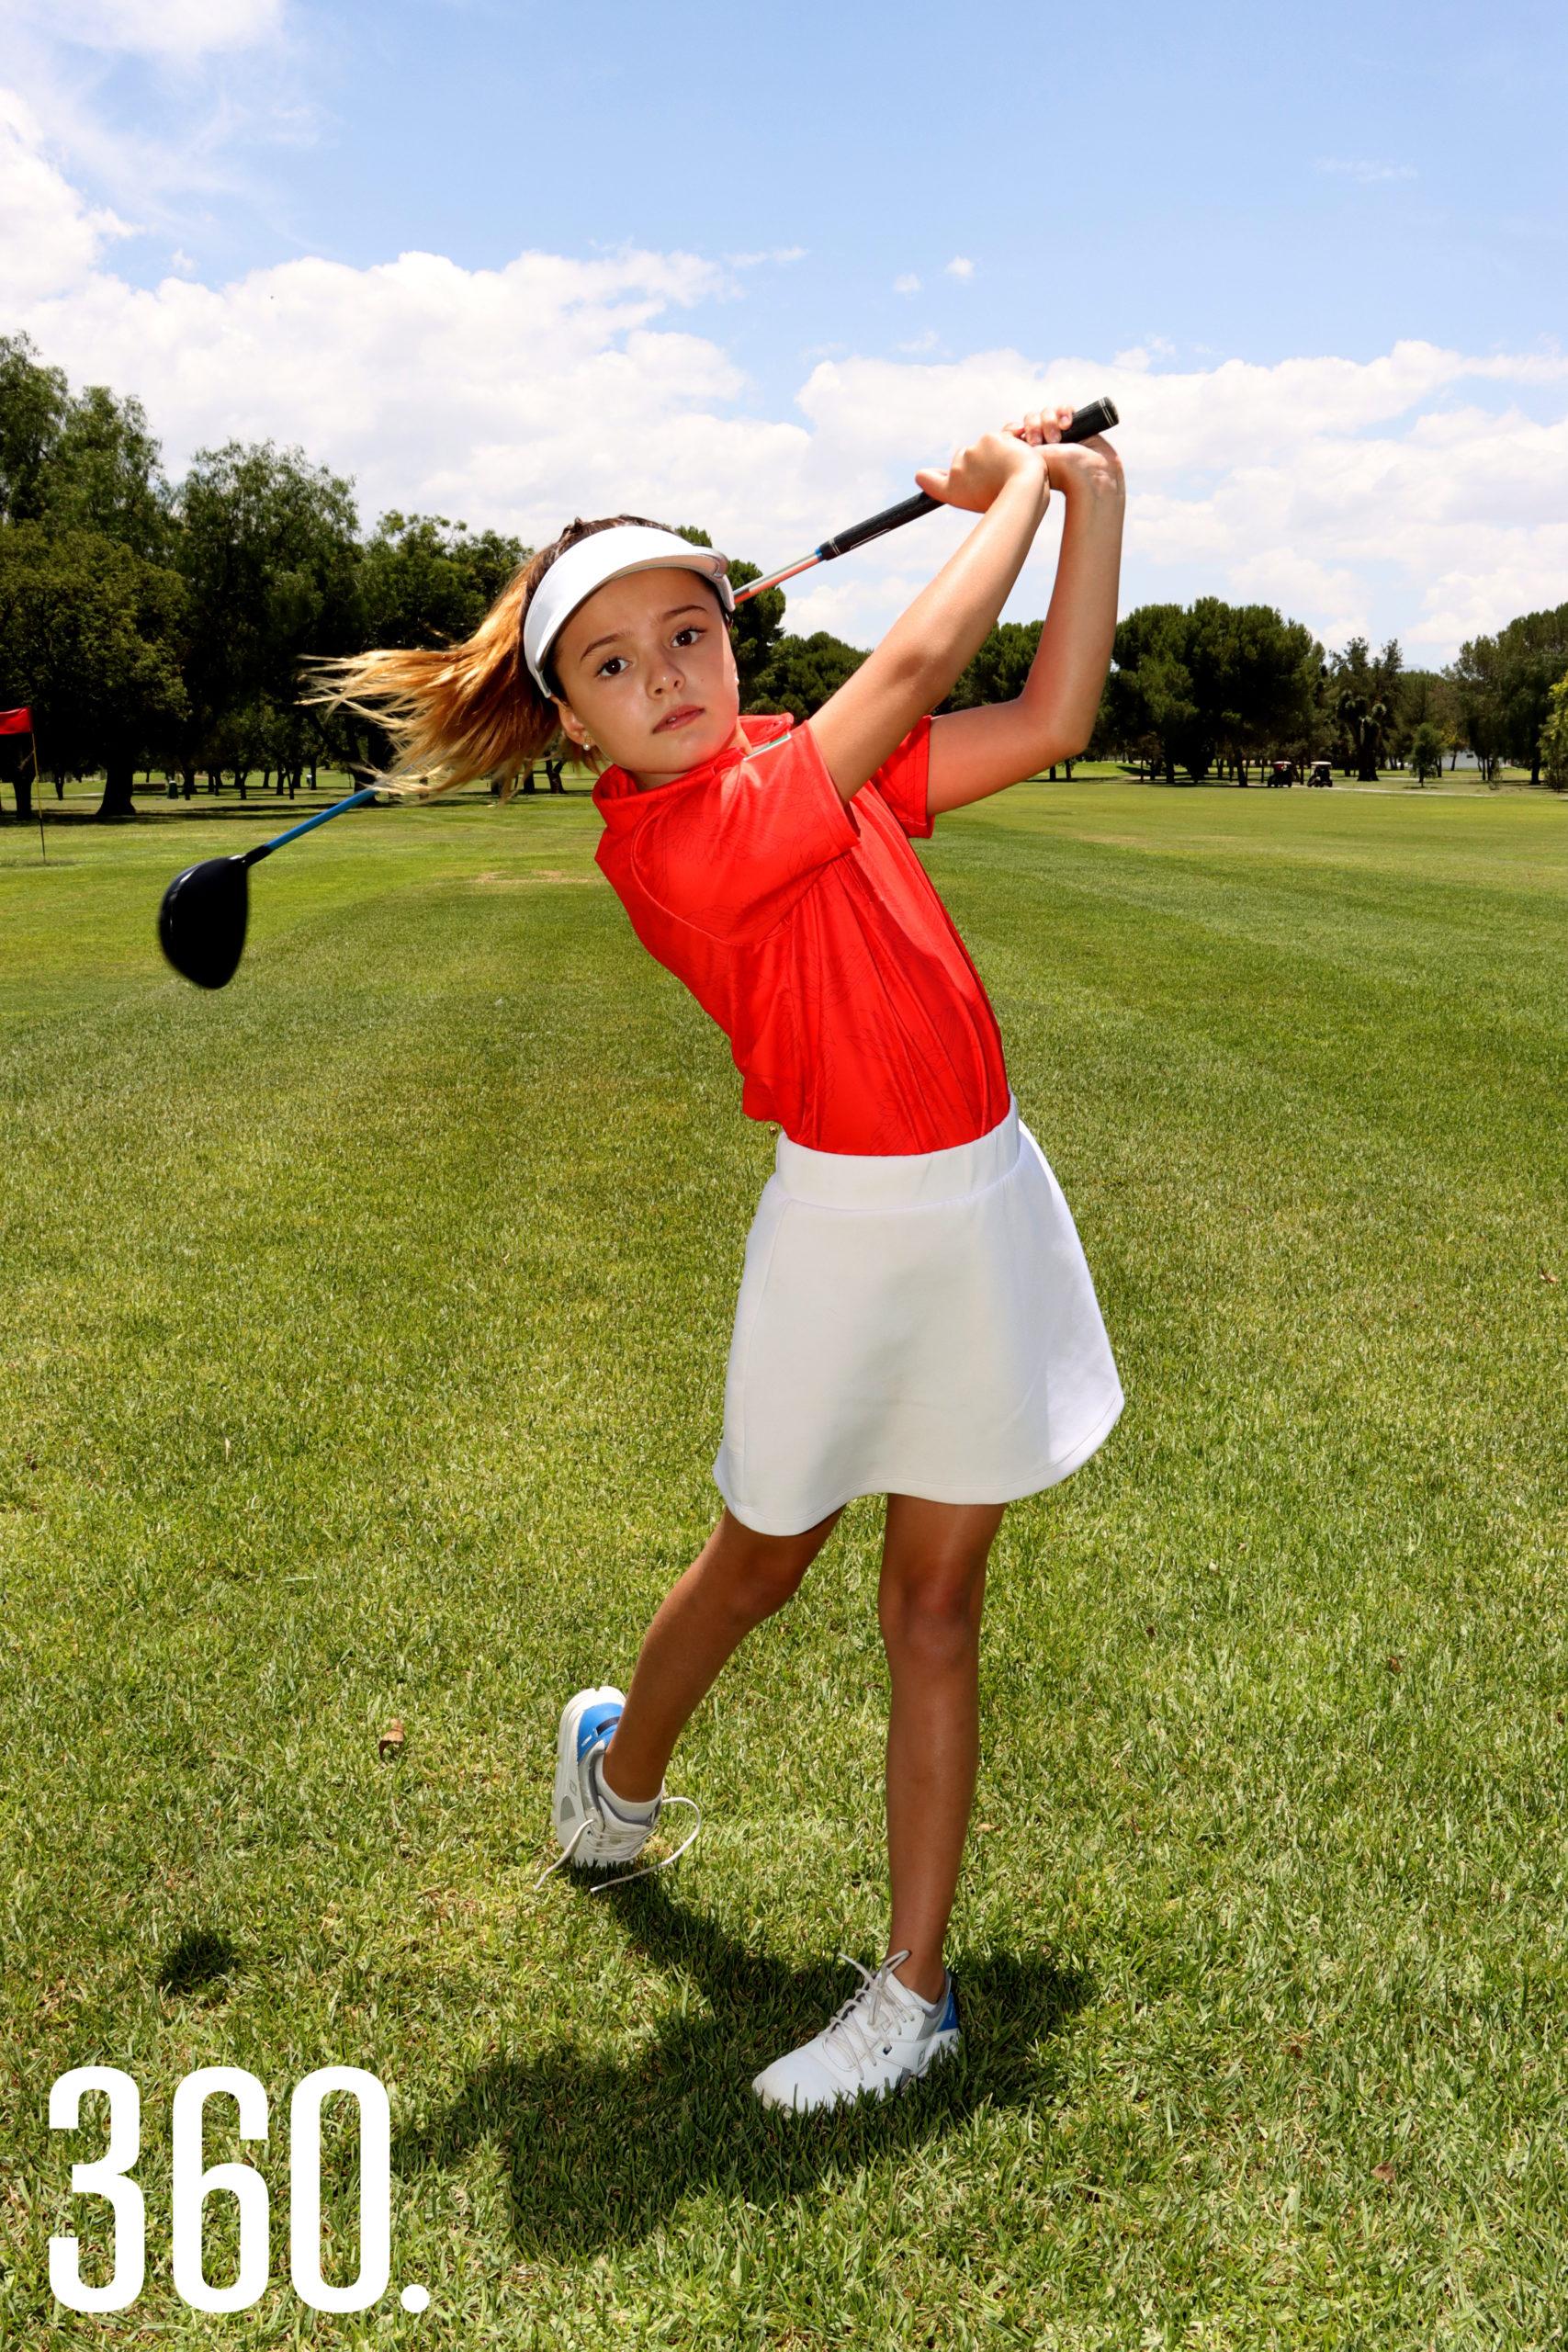 """Elsa María López Ruiz, participará en la categoría 9 años del torneo """"US Kids World Championship 2021"""", en Pinehurst, Carolina del Norte."""